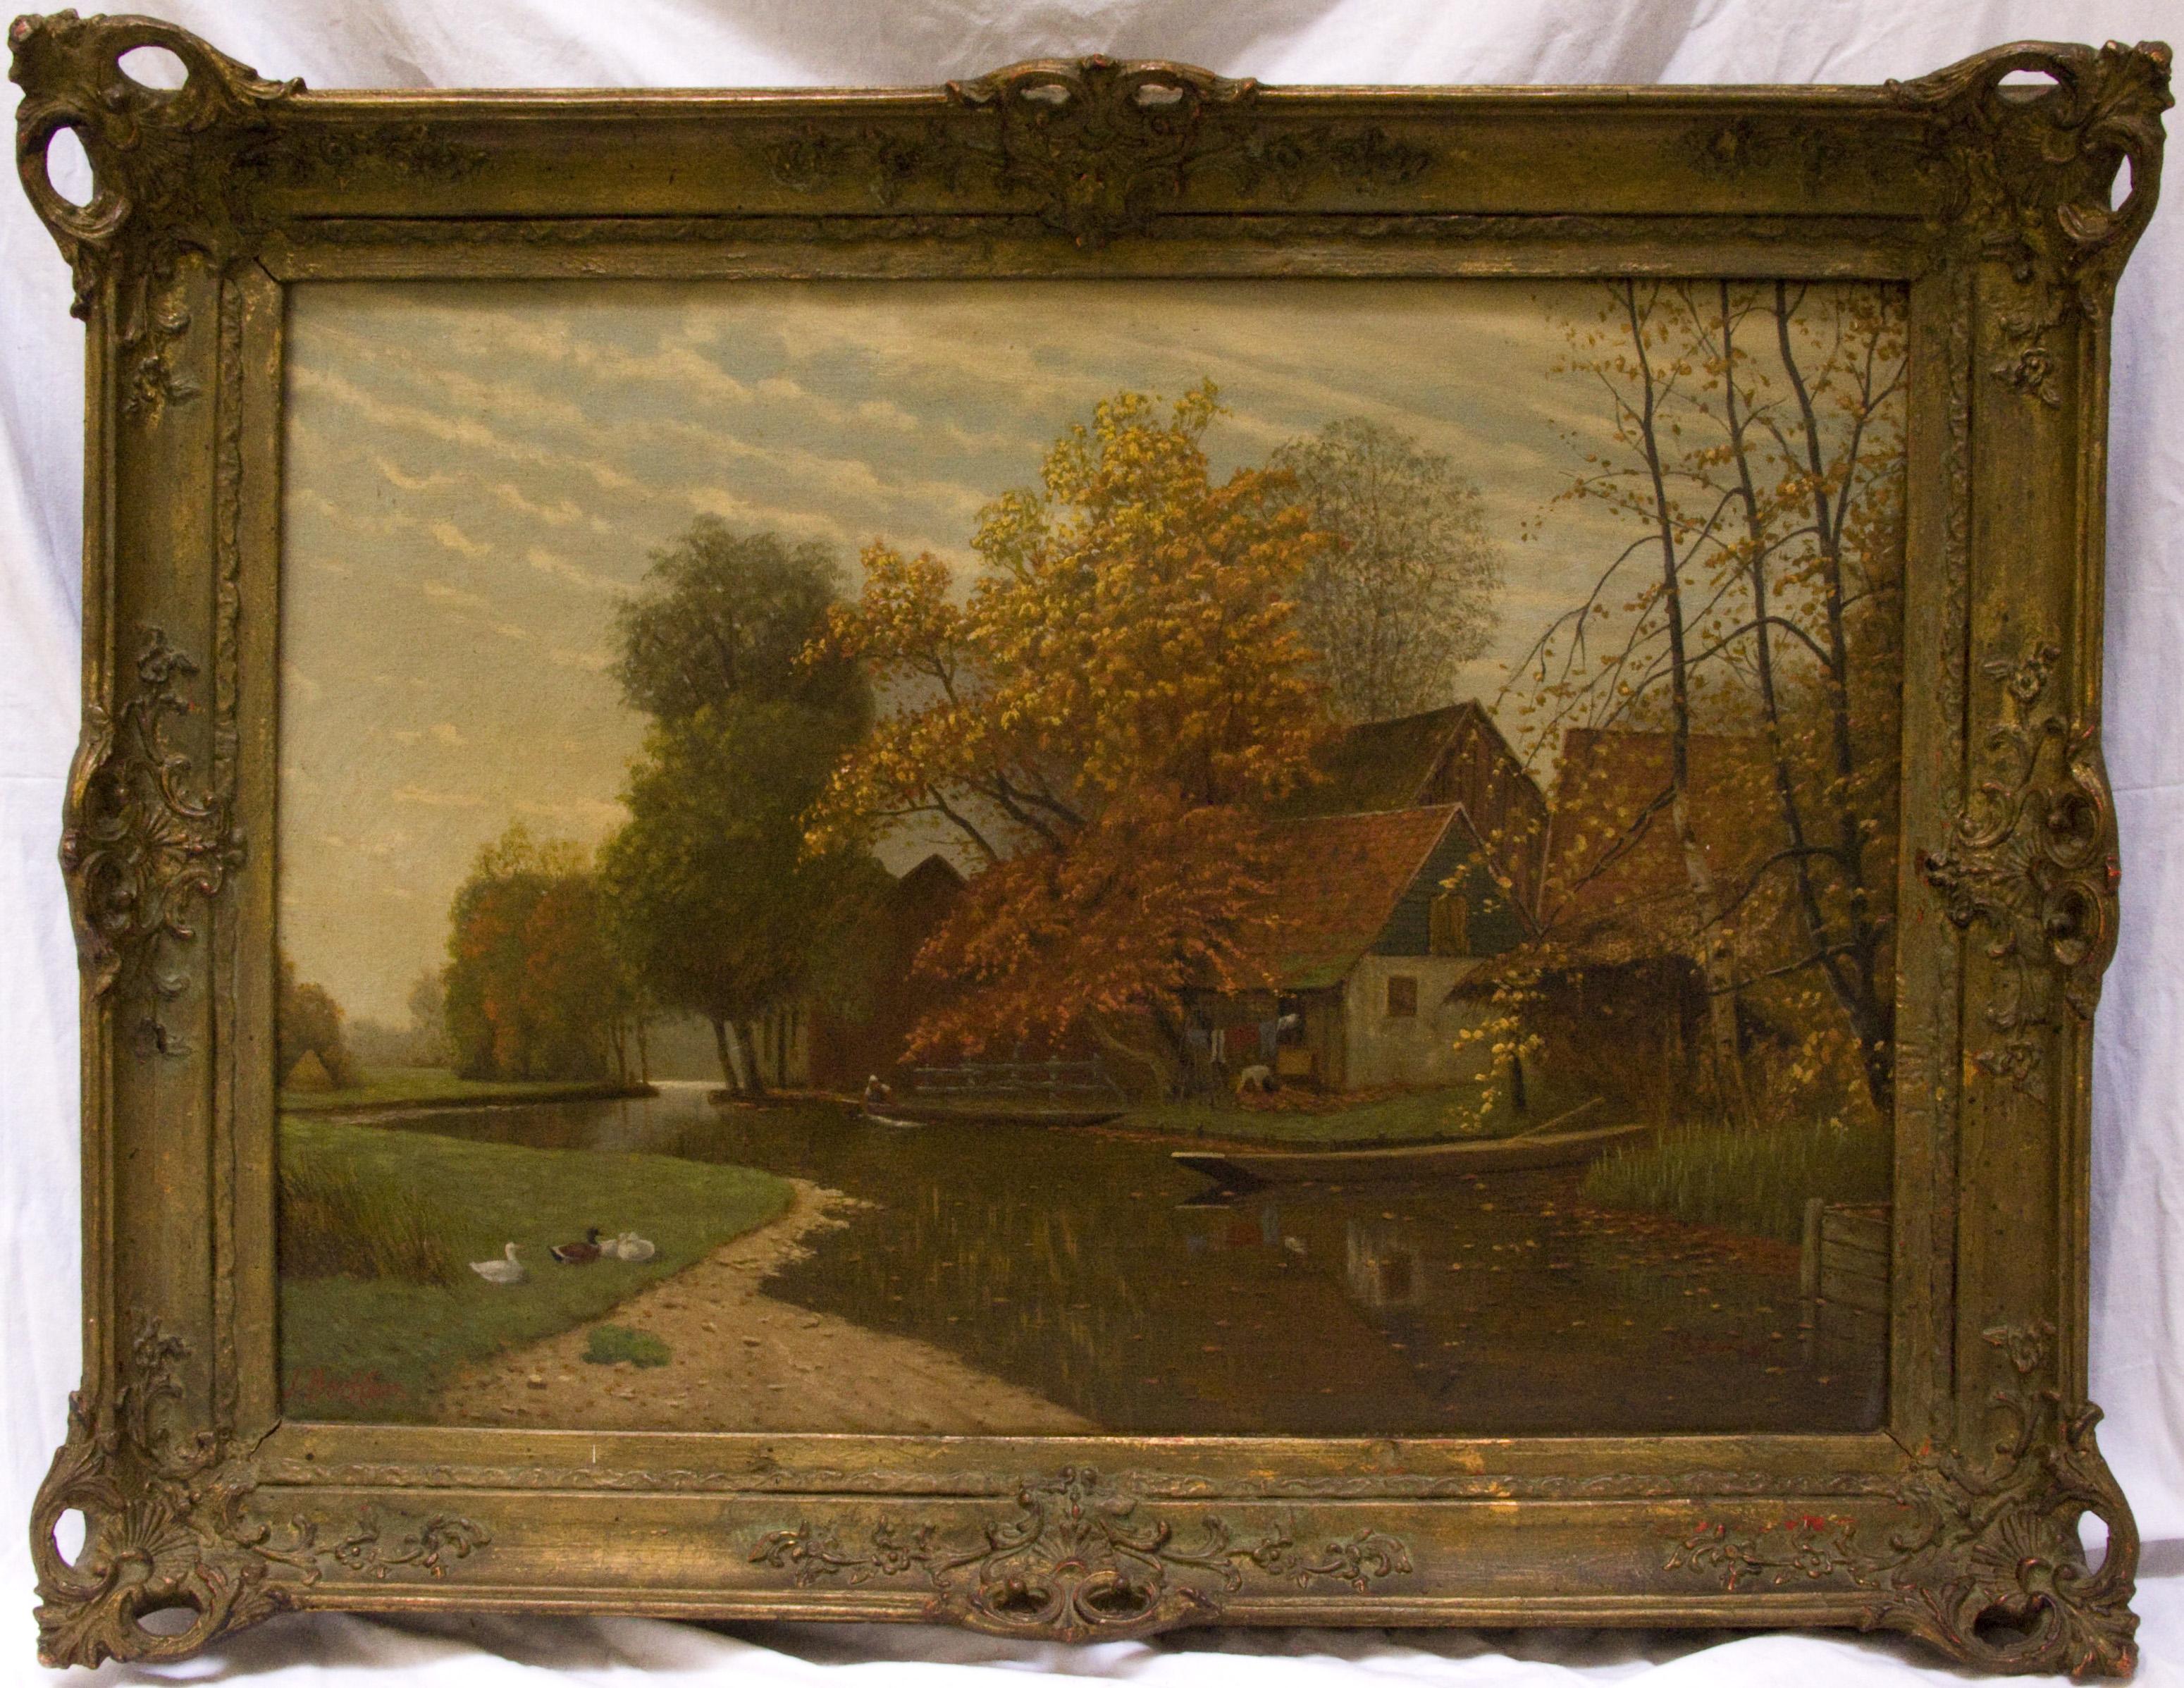 J. Becker - Haus am Fluss - Öl auf Leinwand | eBay